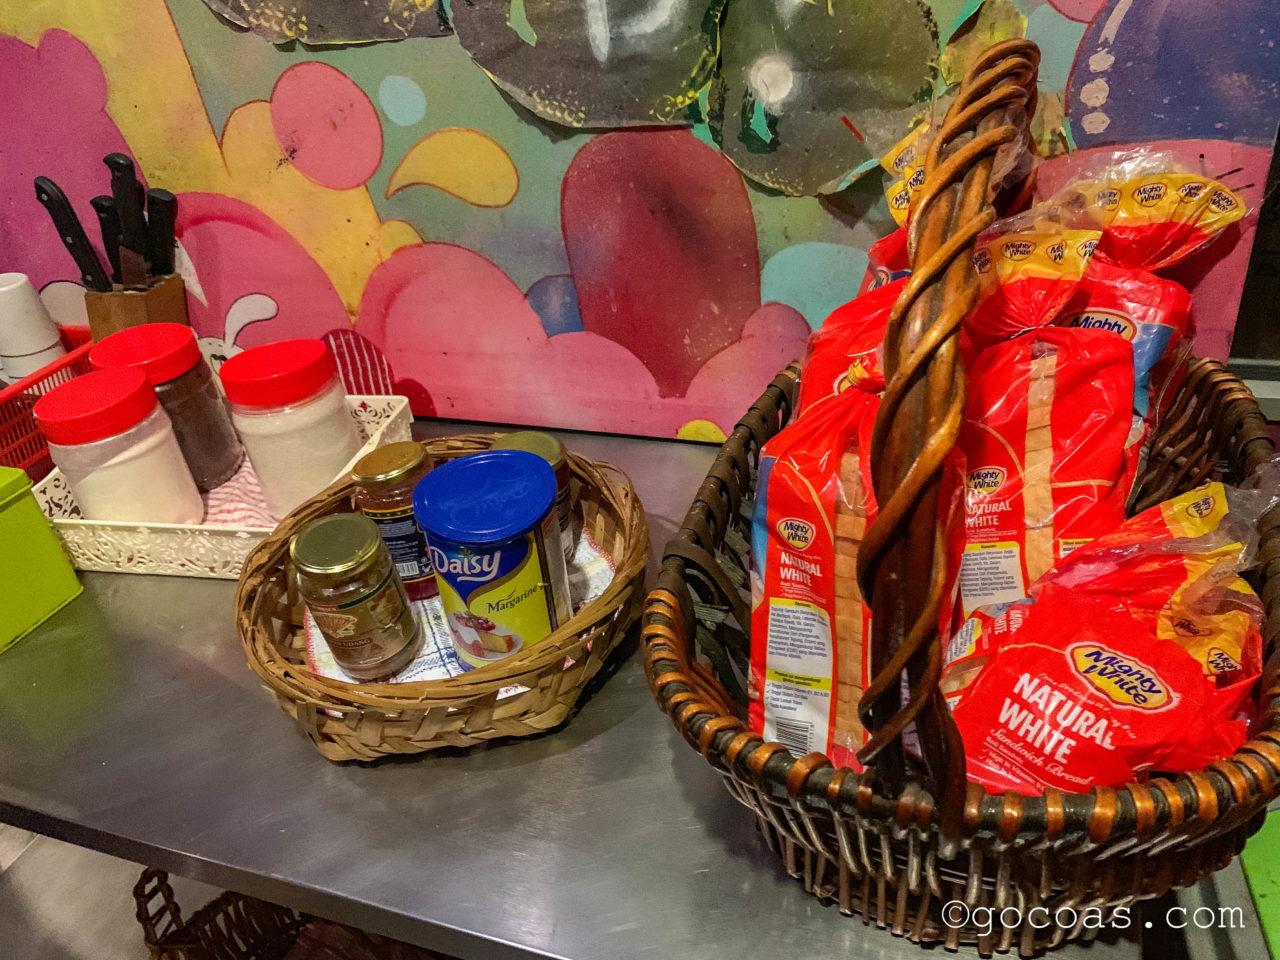 ザ エクスプローラー ゲストハウスのキッチンにあったパンと調味料